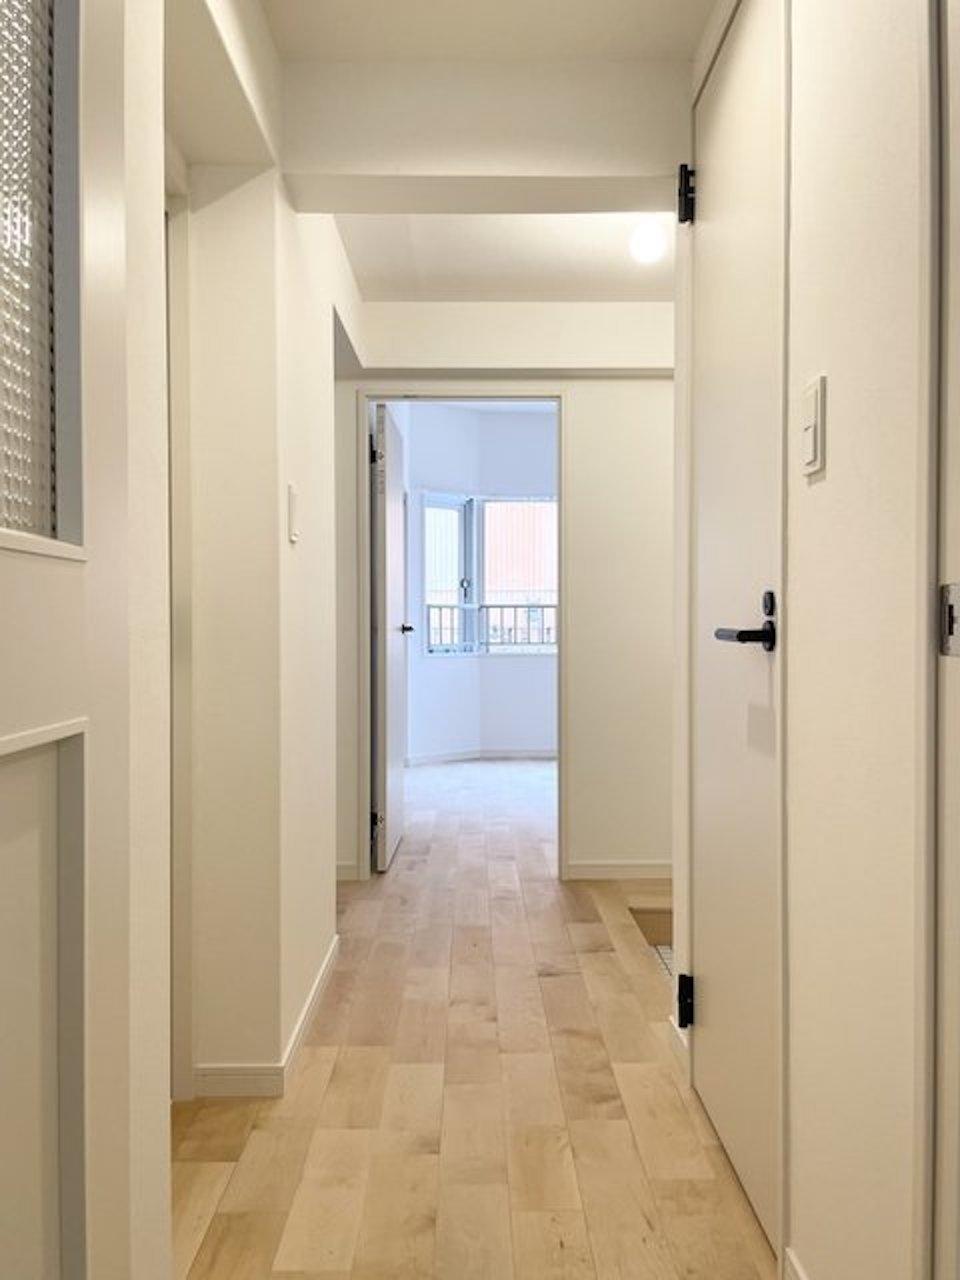 もちろん廊下もびっちり無垢です。